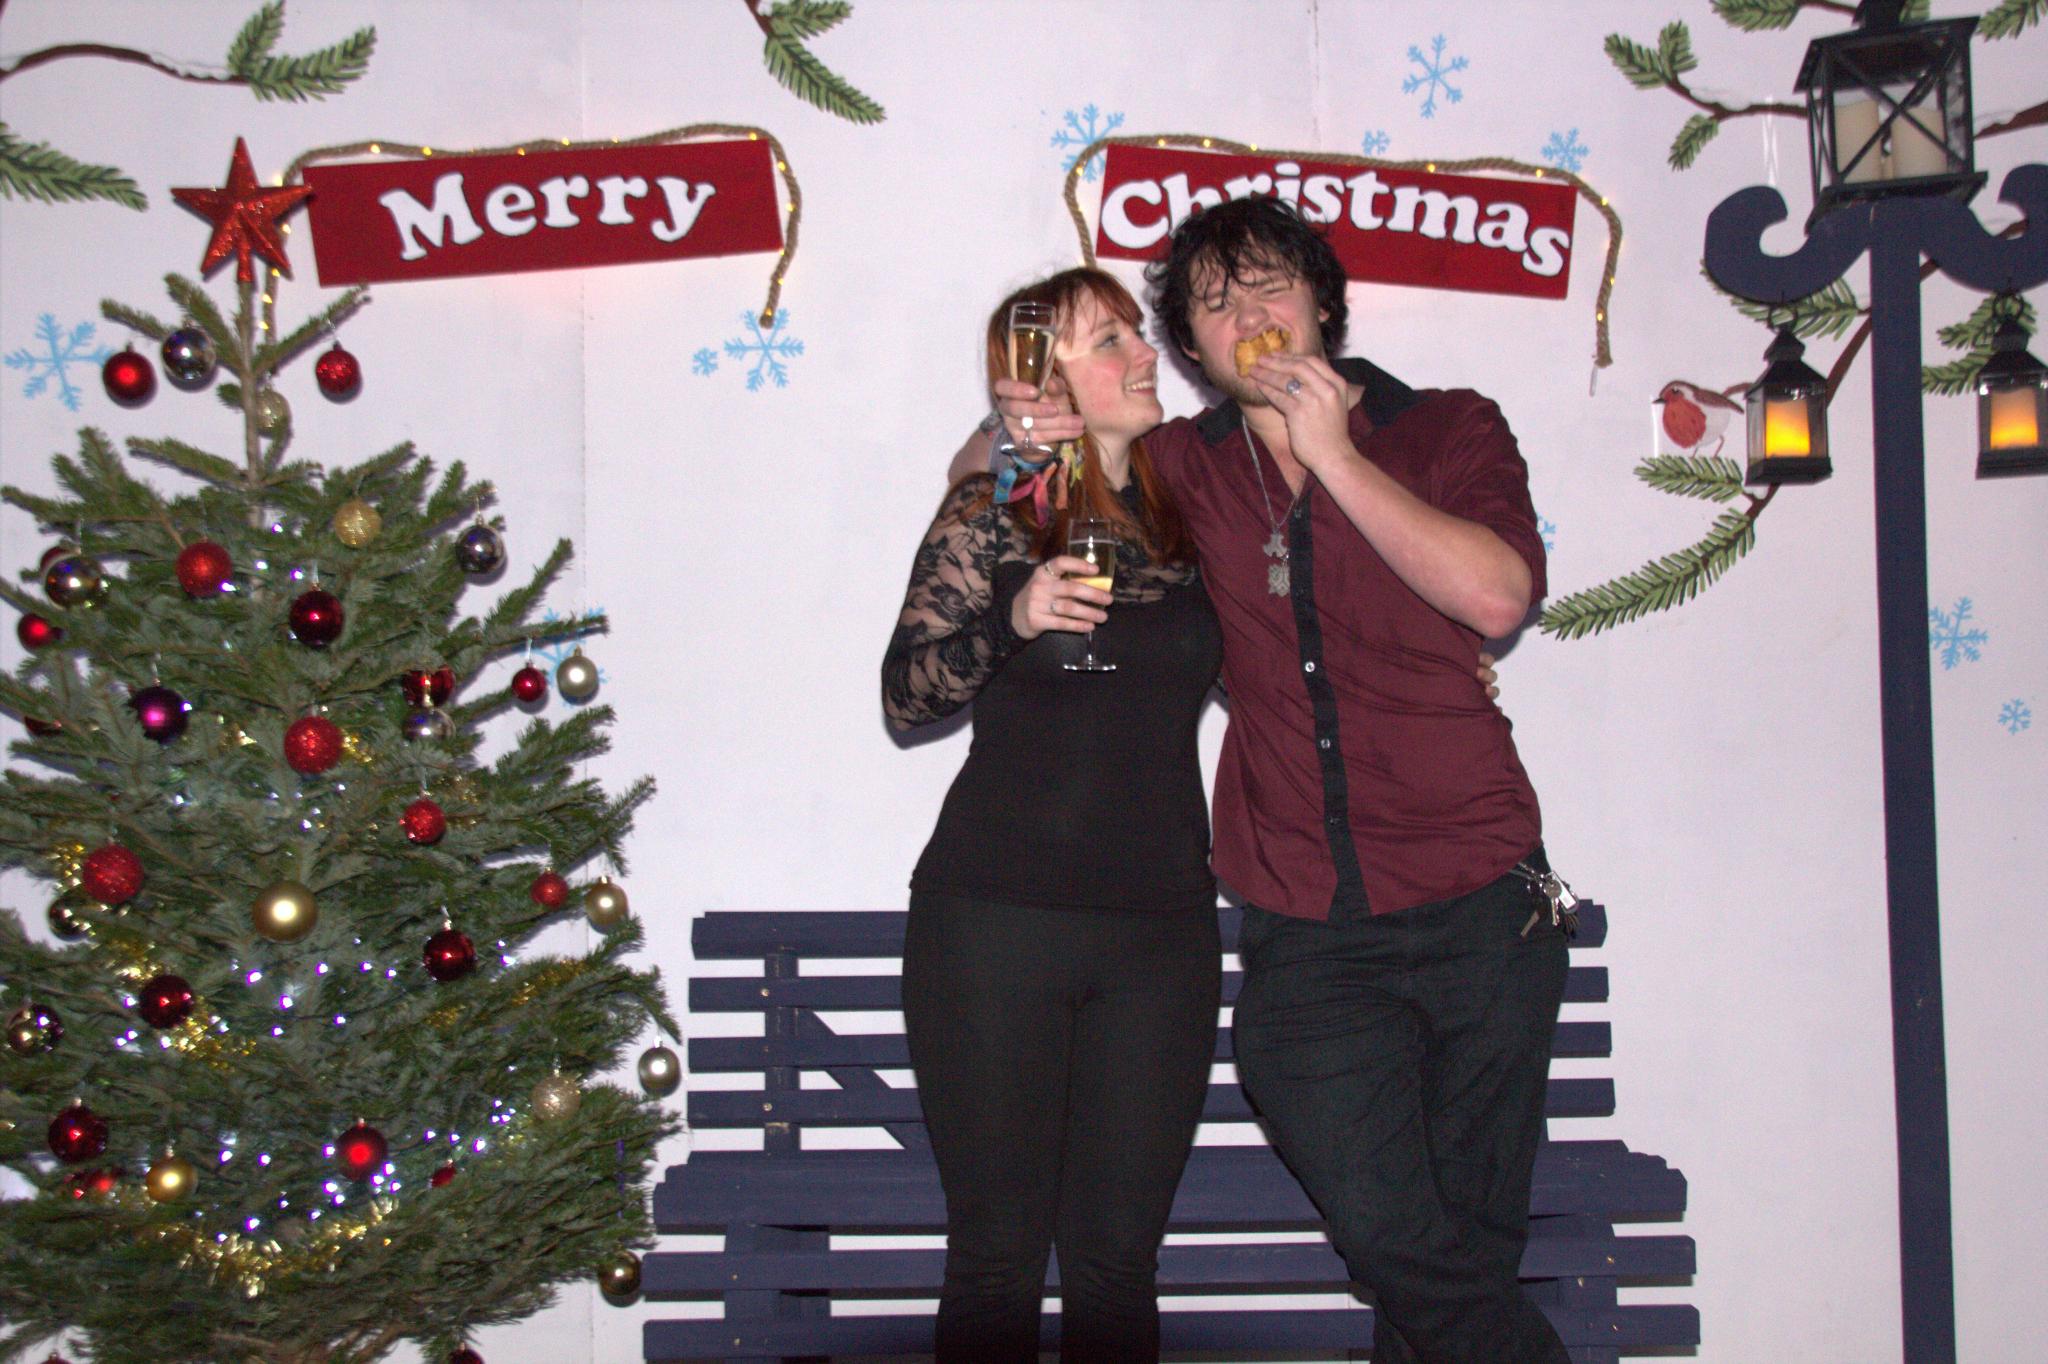 Kerstfeest_157